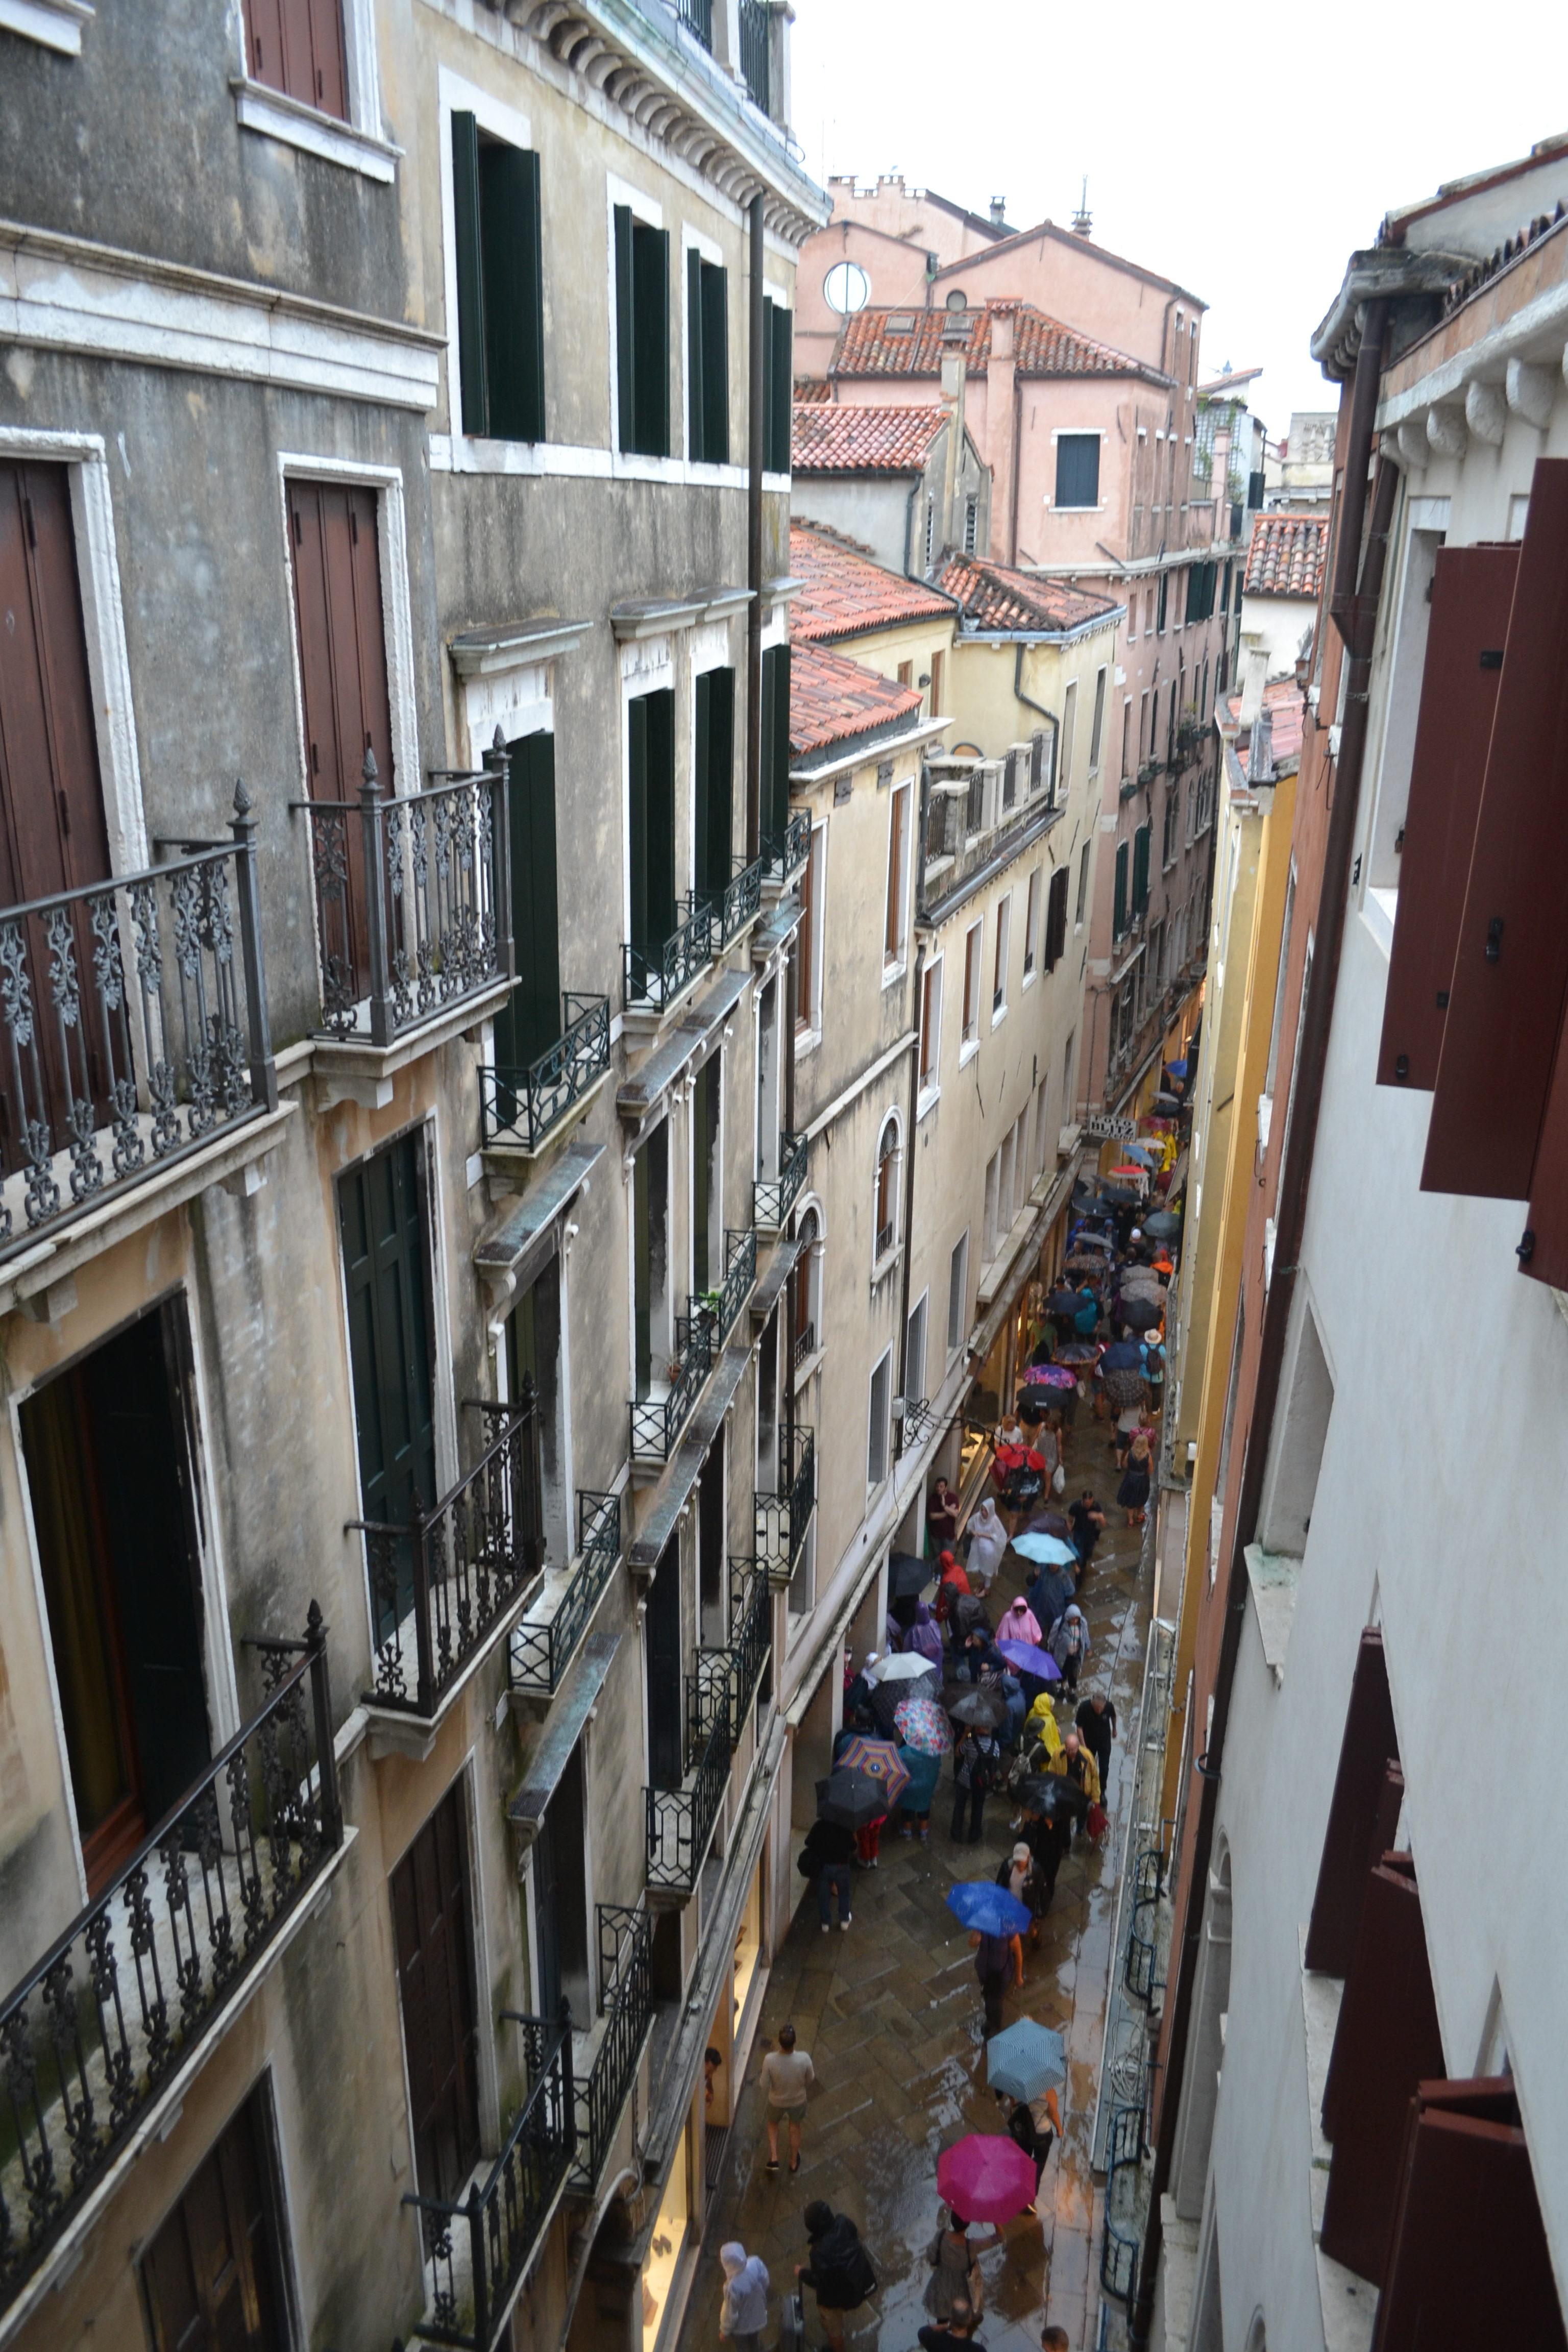 crowded-street-dsc_0367